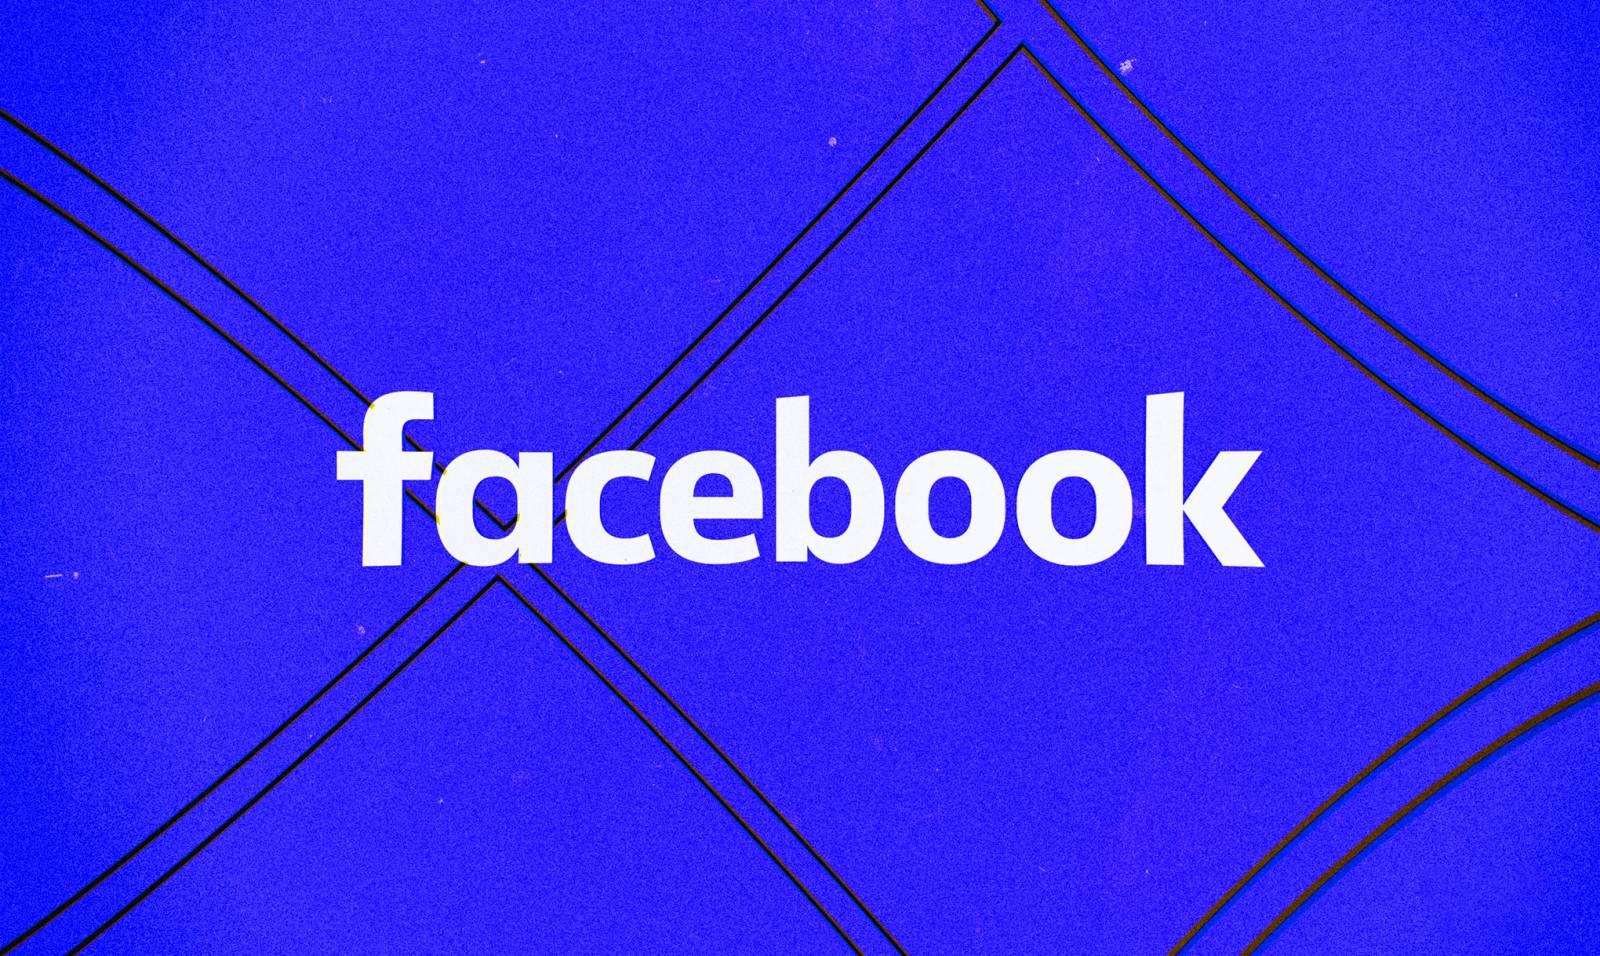 Facebook Schimbarea Secreta la care Nu te Asteptai